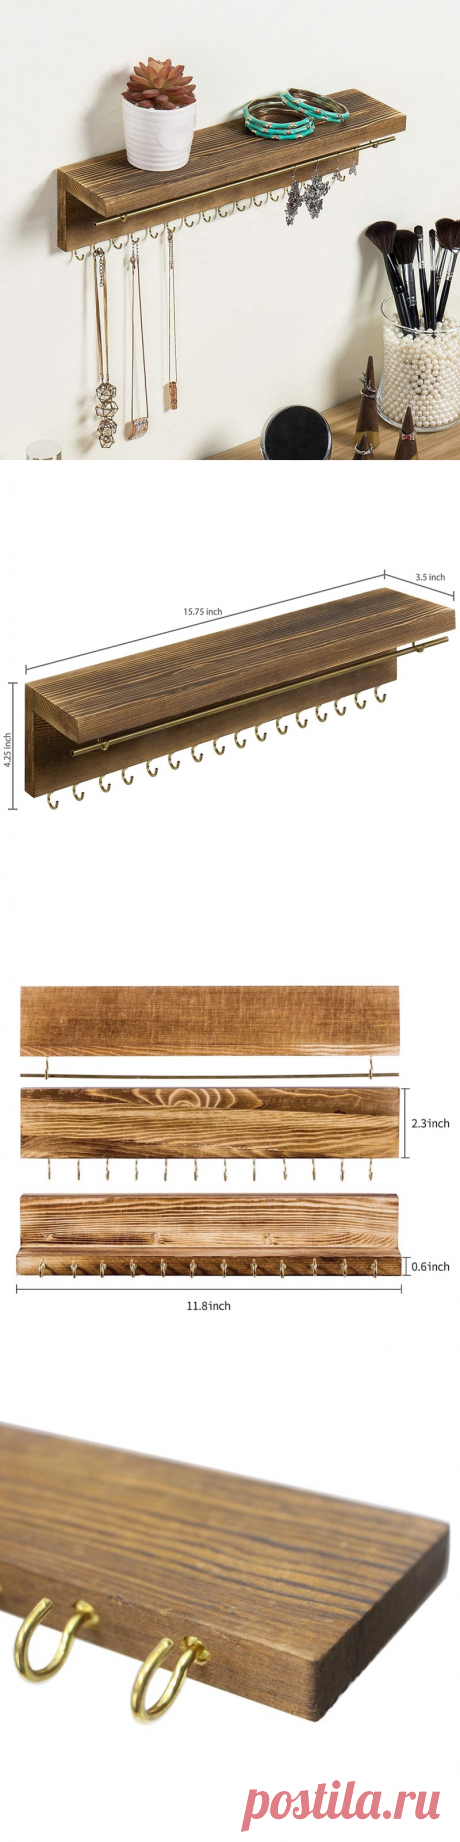 Деревянная витрина, держатель для ювелирных изделий, настенная фотография для ожерелья, серег, кольца, фотография|Крючки и направляющие| | АлиЭкспресс